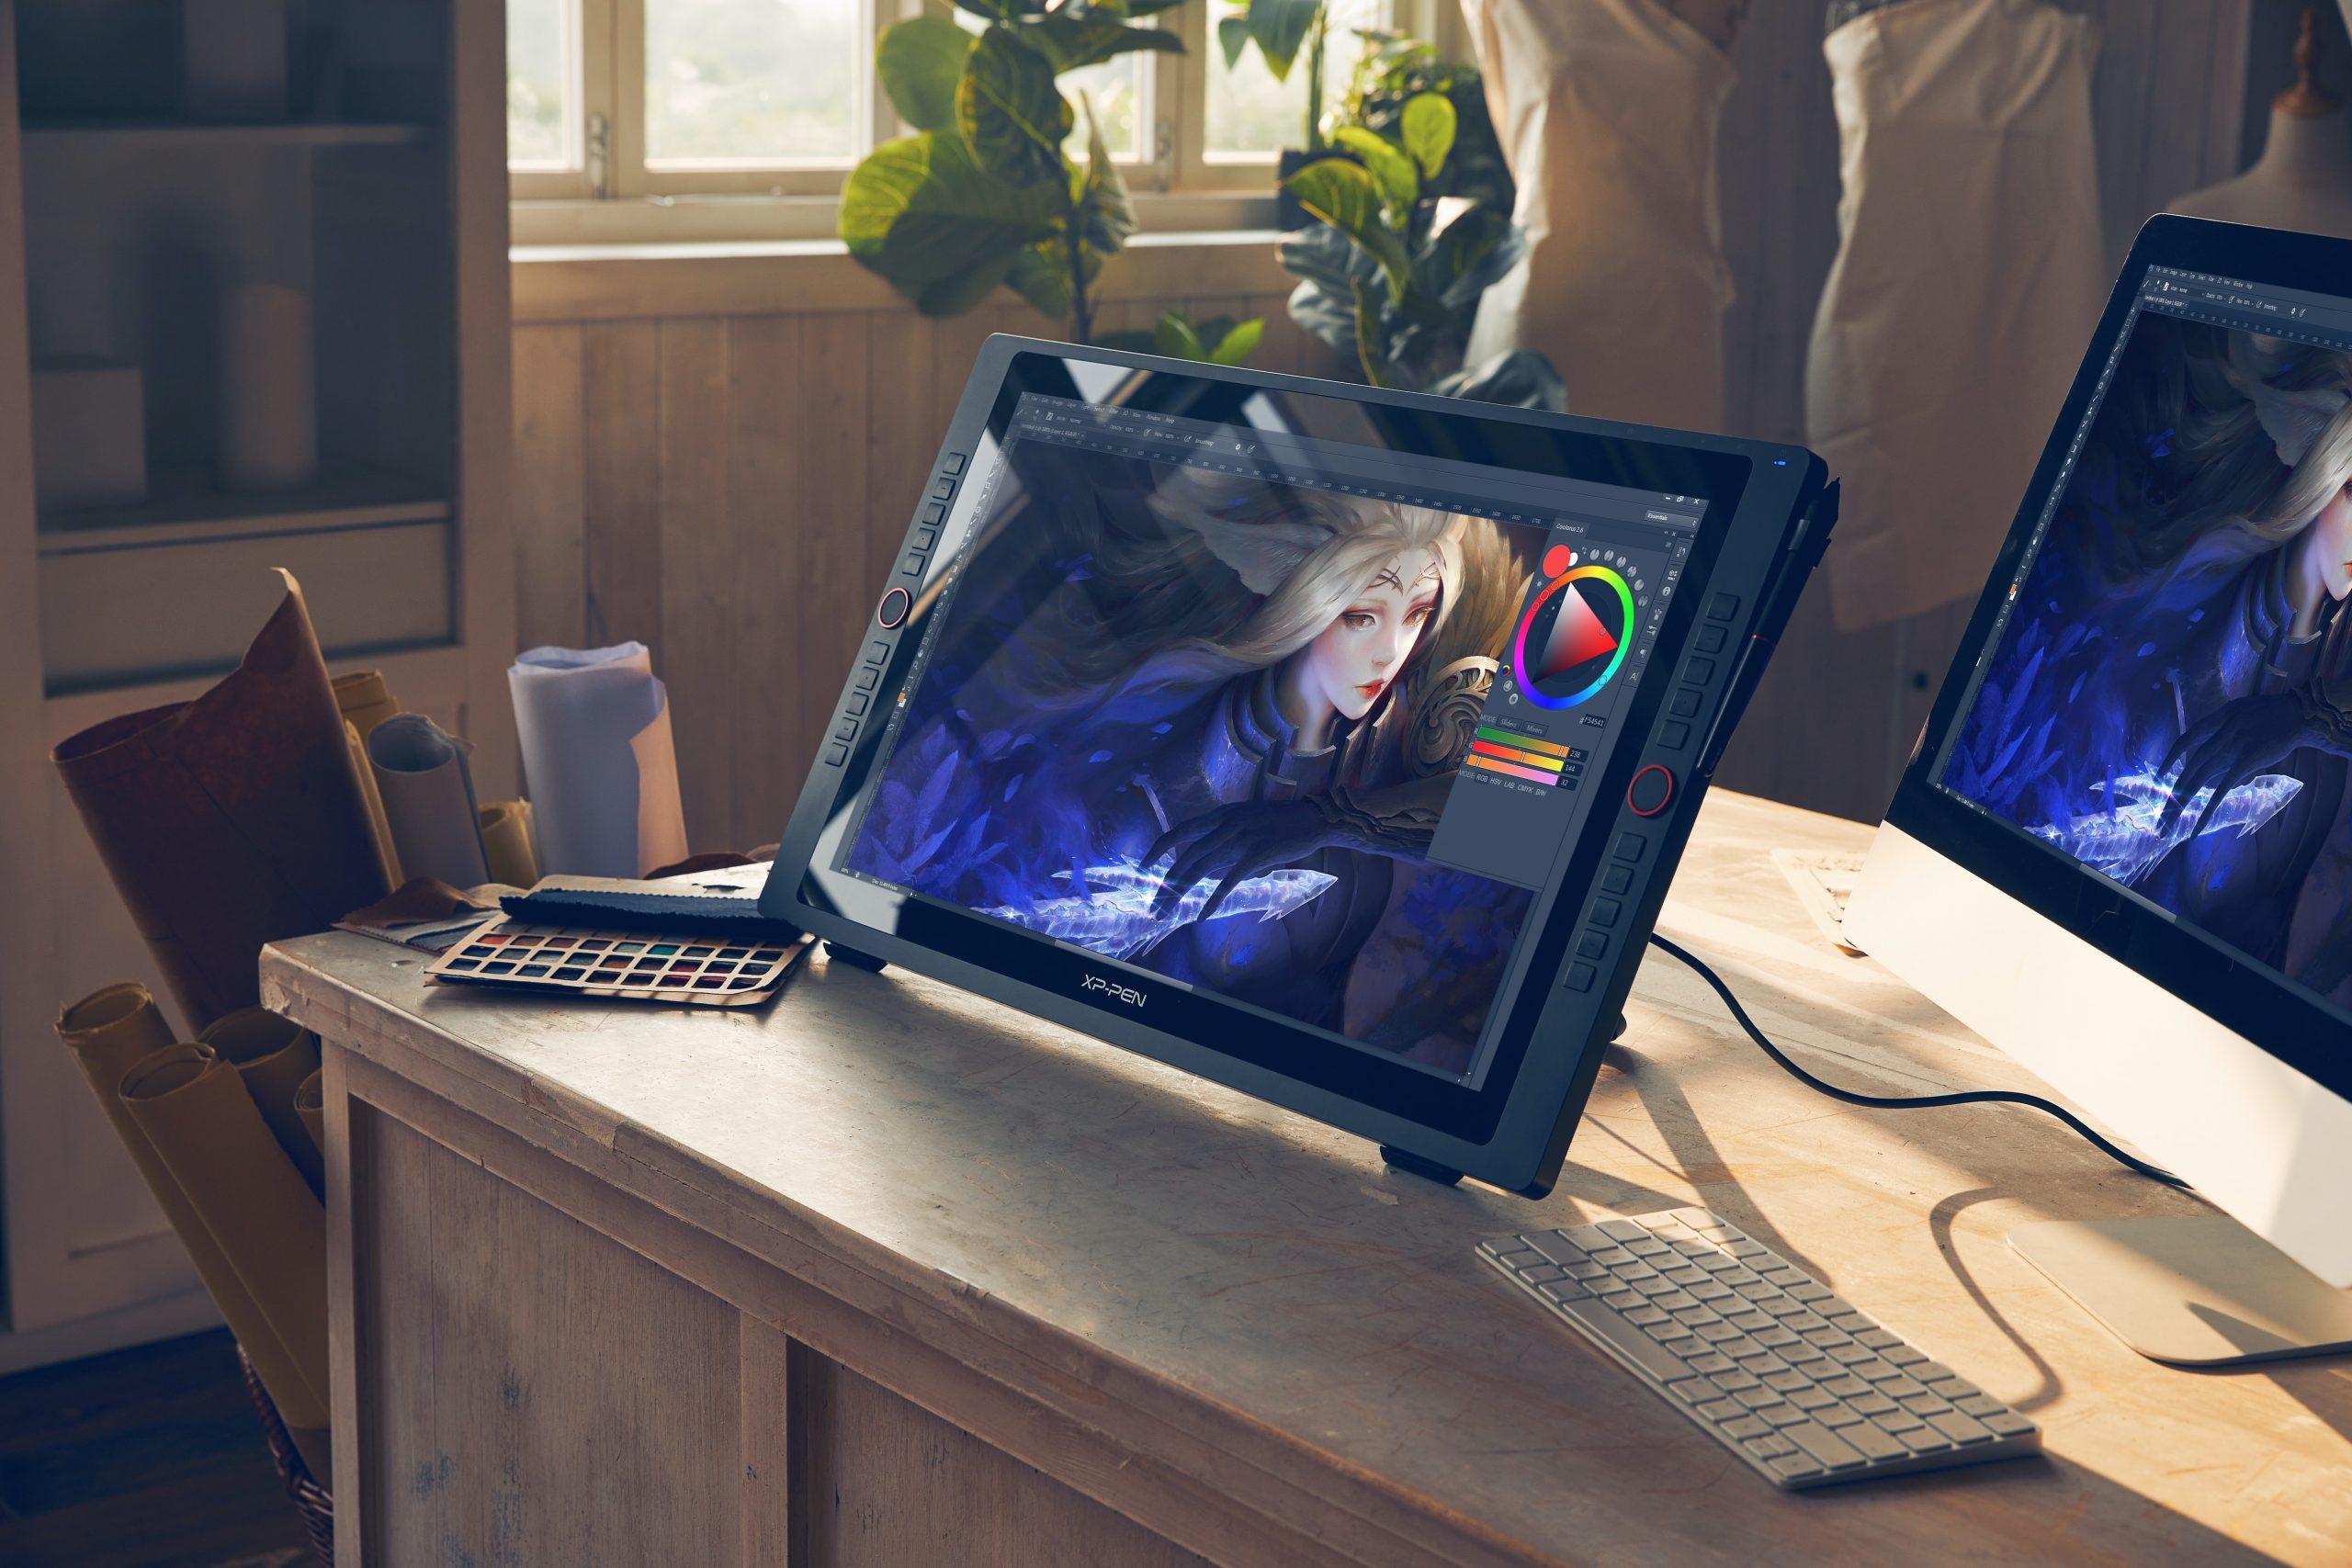 tableta grafica con dibujo de fantasía